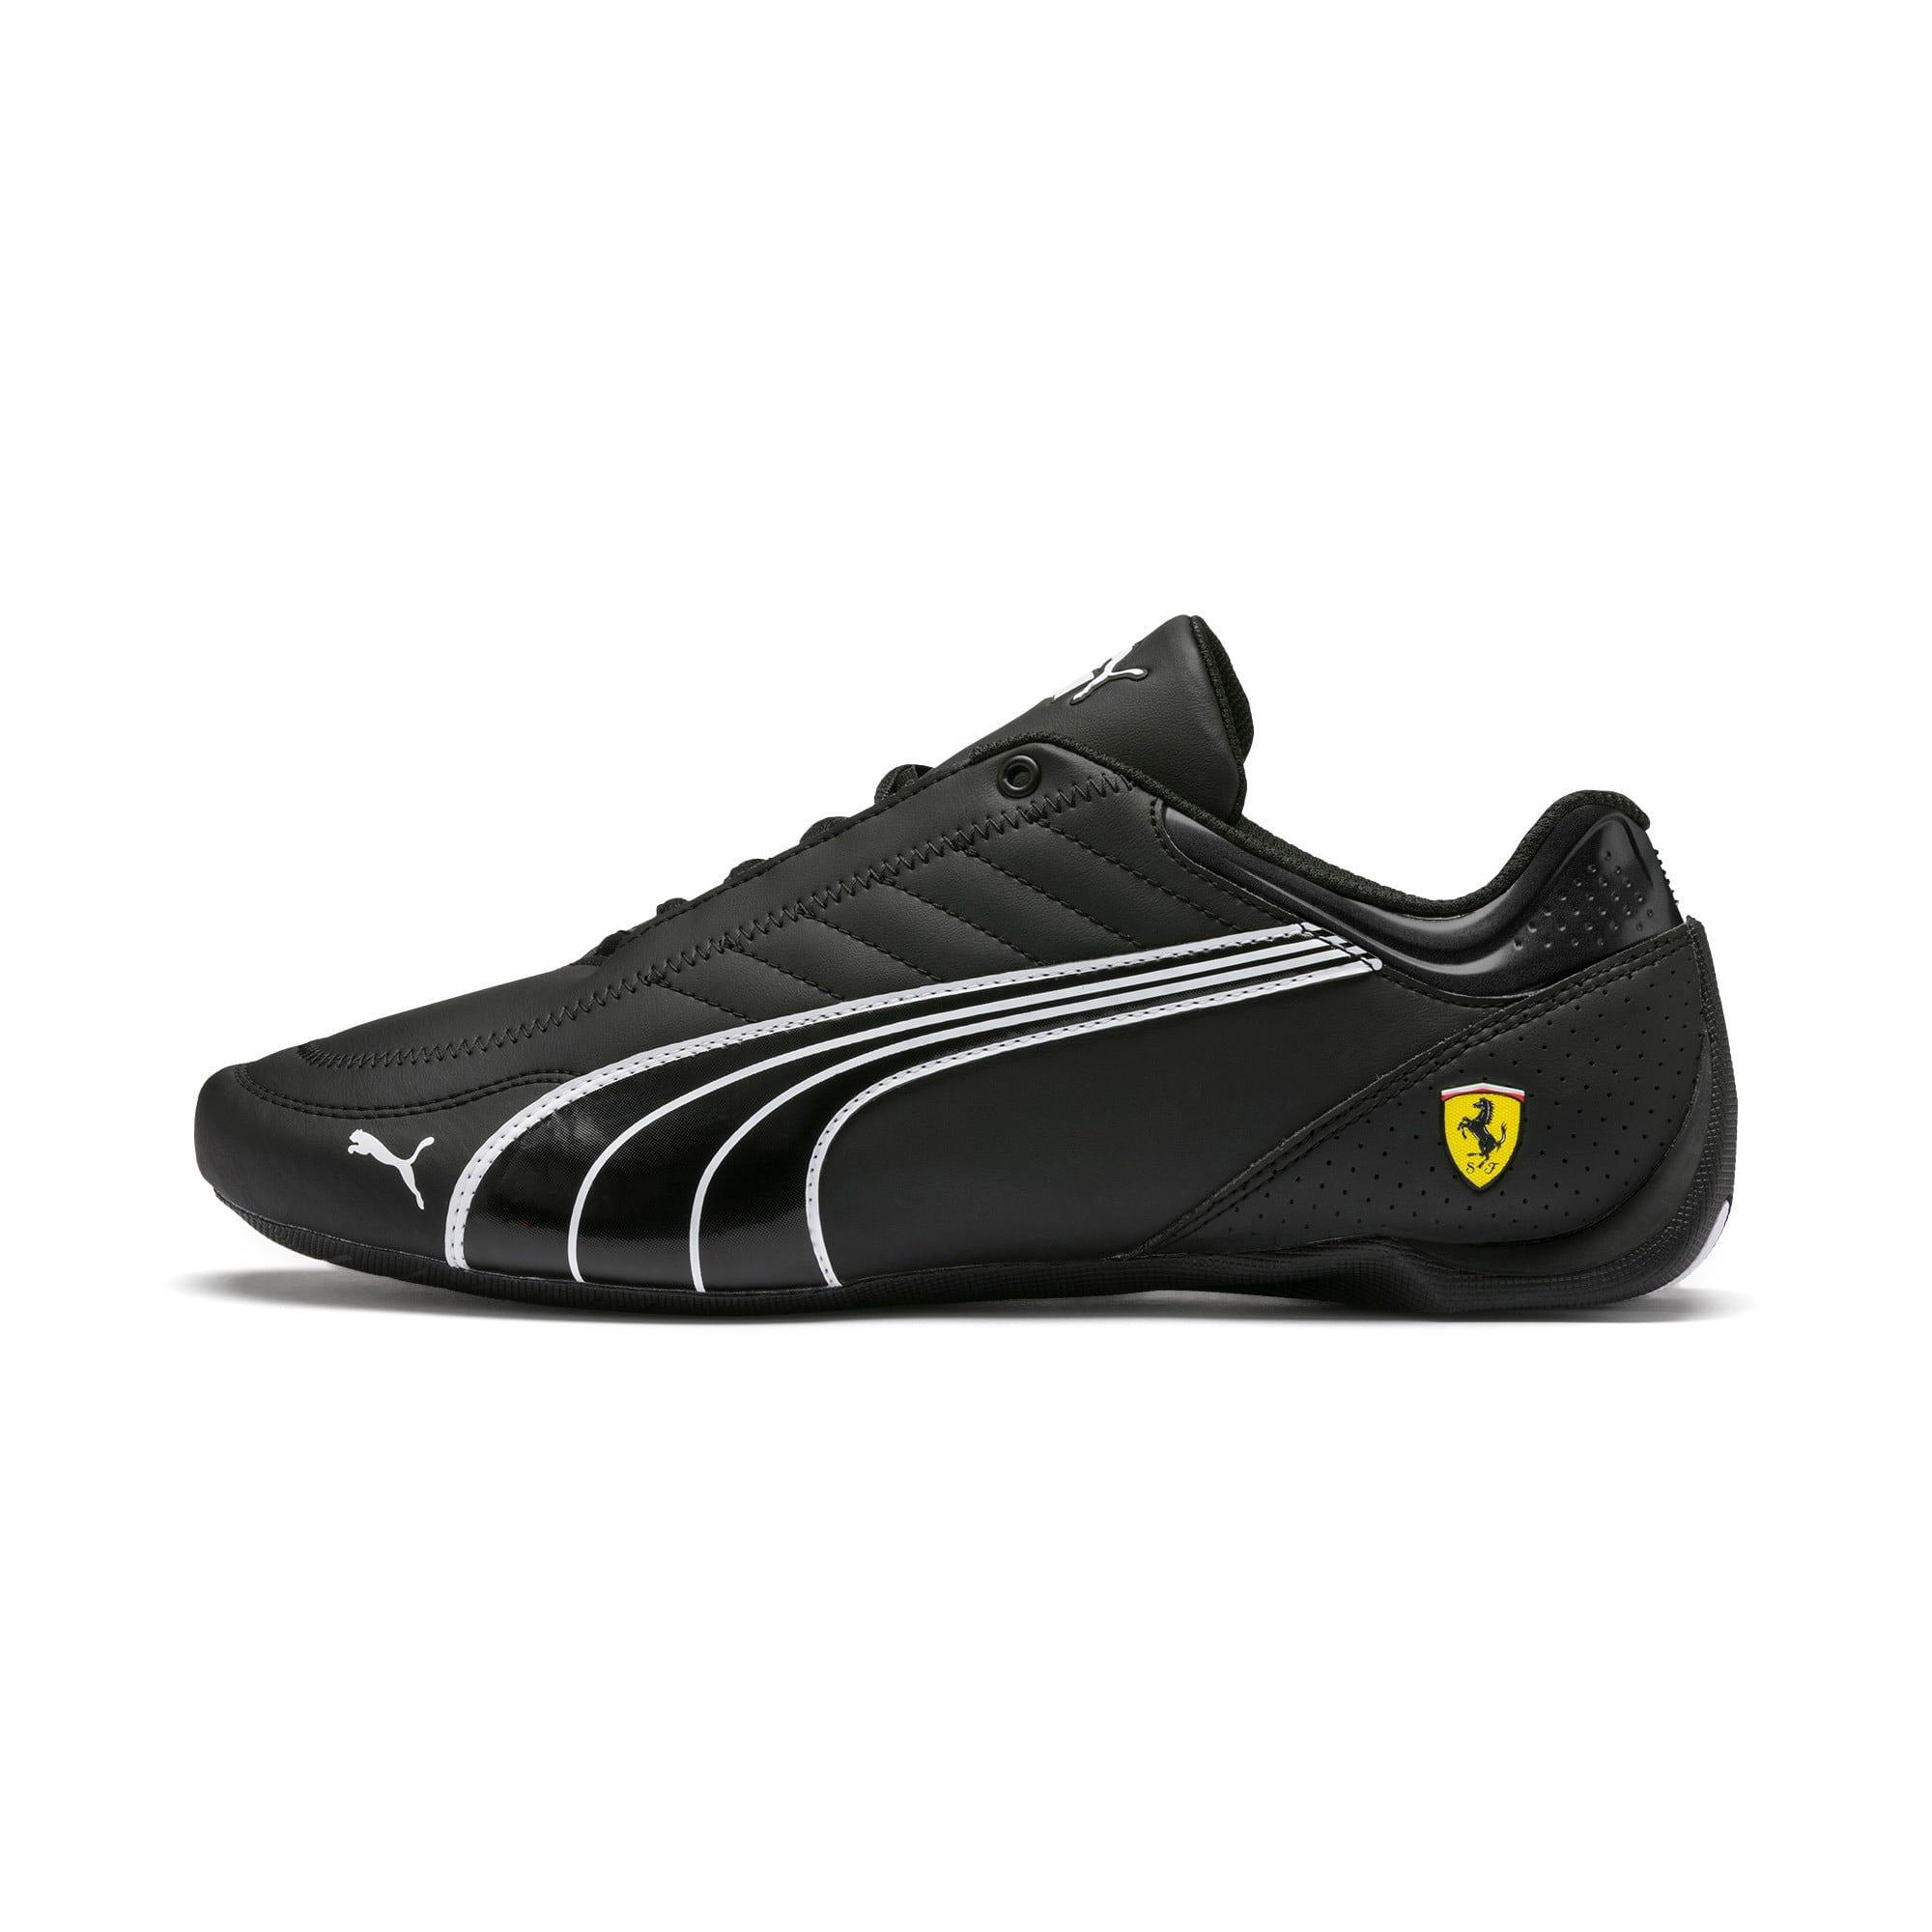 Miniatura 1 de ZapatosScuderiaFerrariFuture Kart Cat, Black-Puma White-Rosso Corsa, mediano